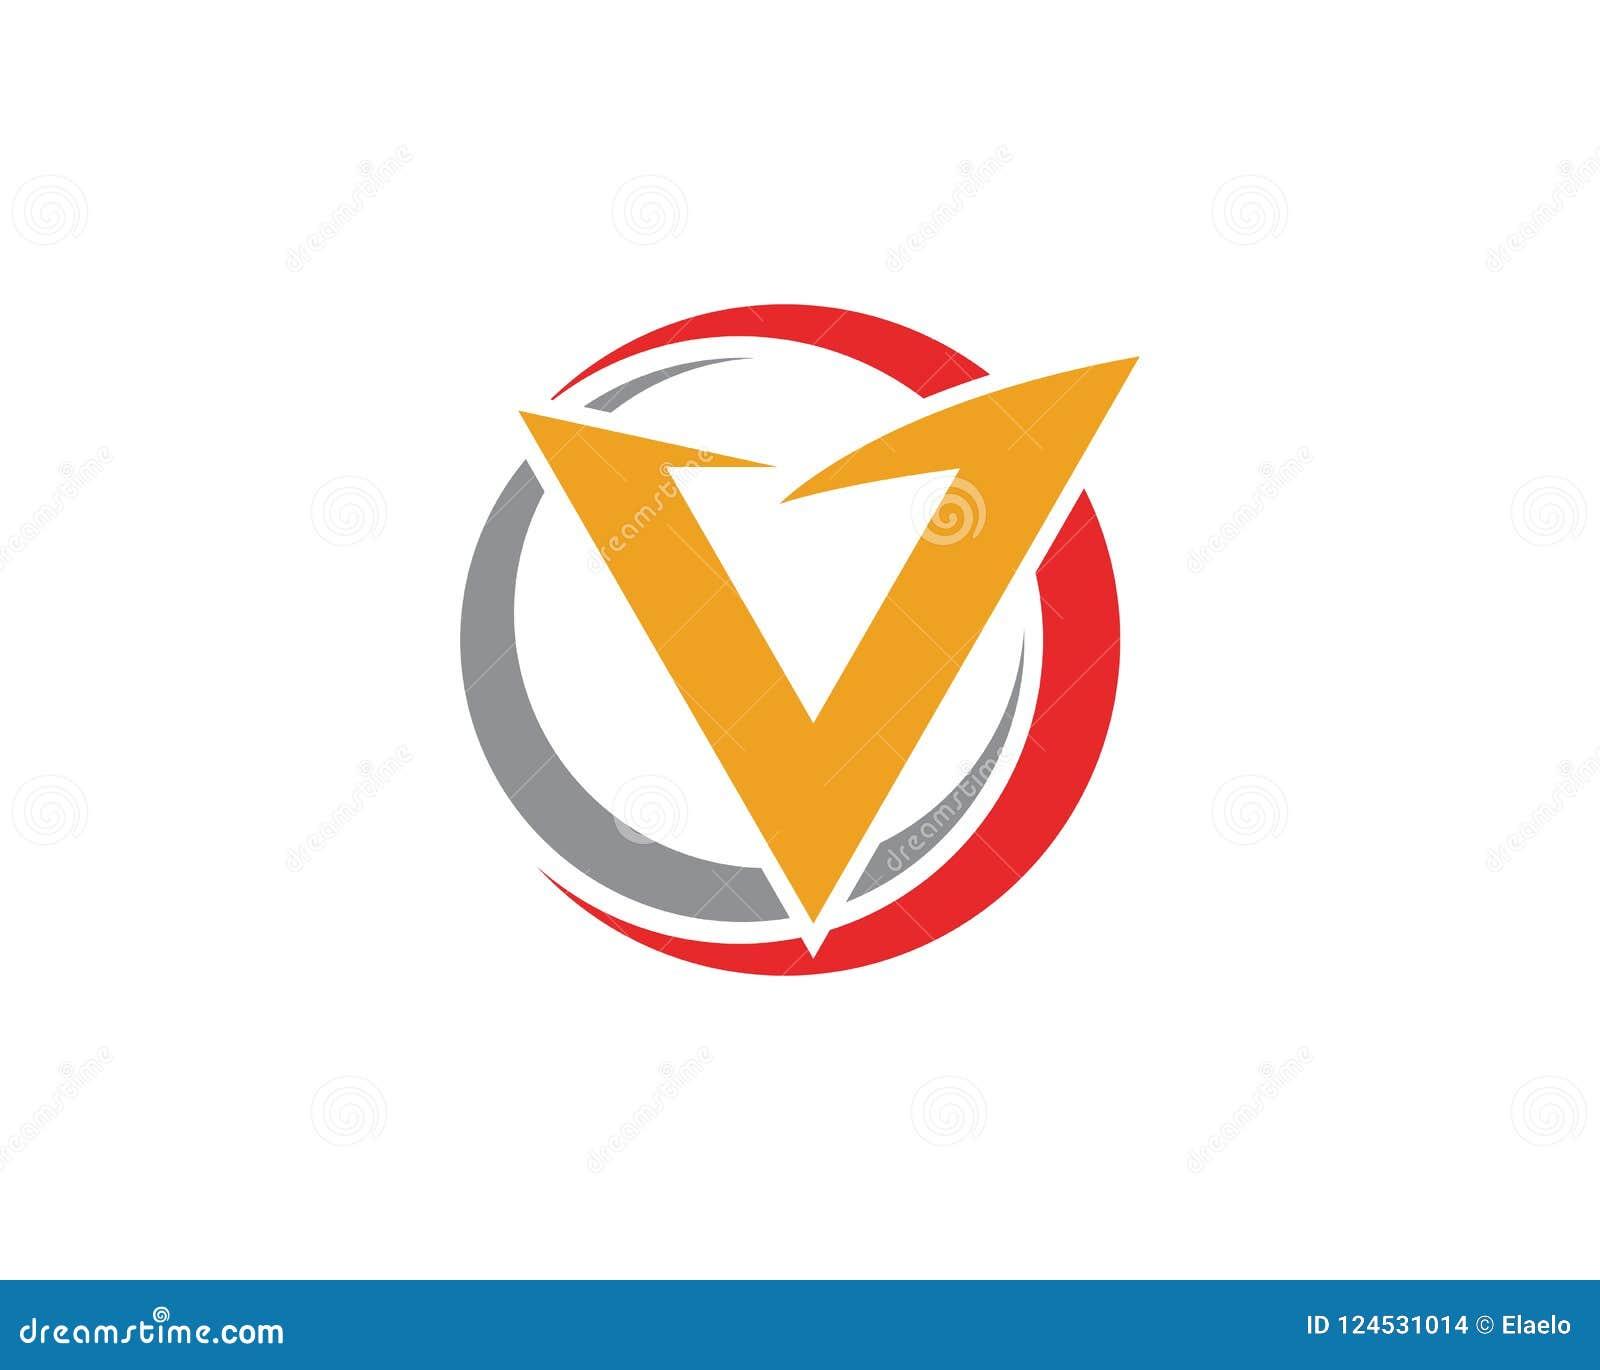 V Letter Lightning Logo Template Stock Vector Illustration Of